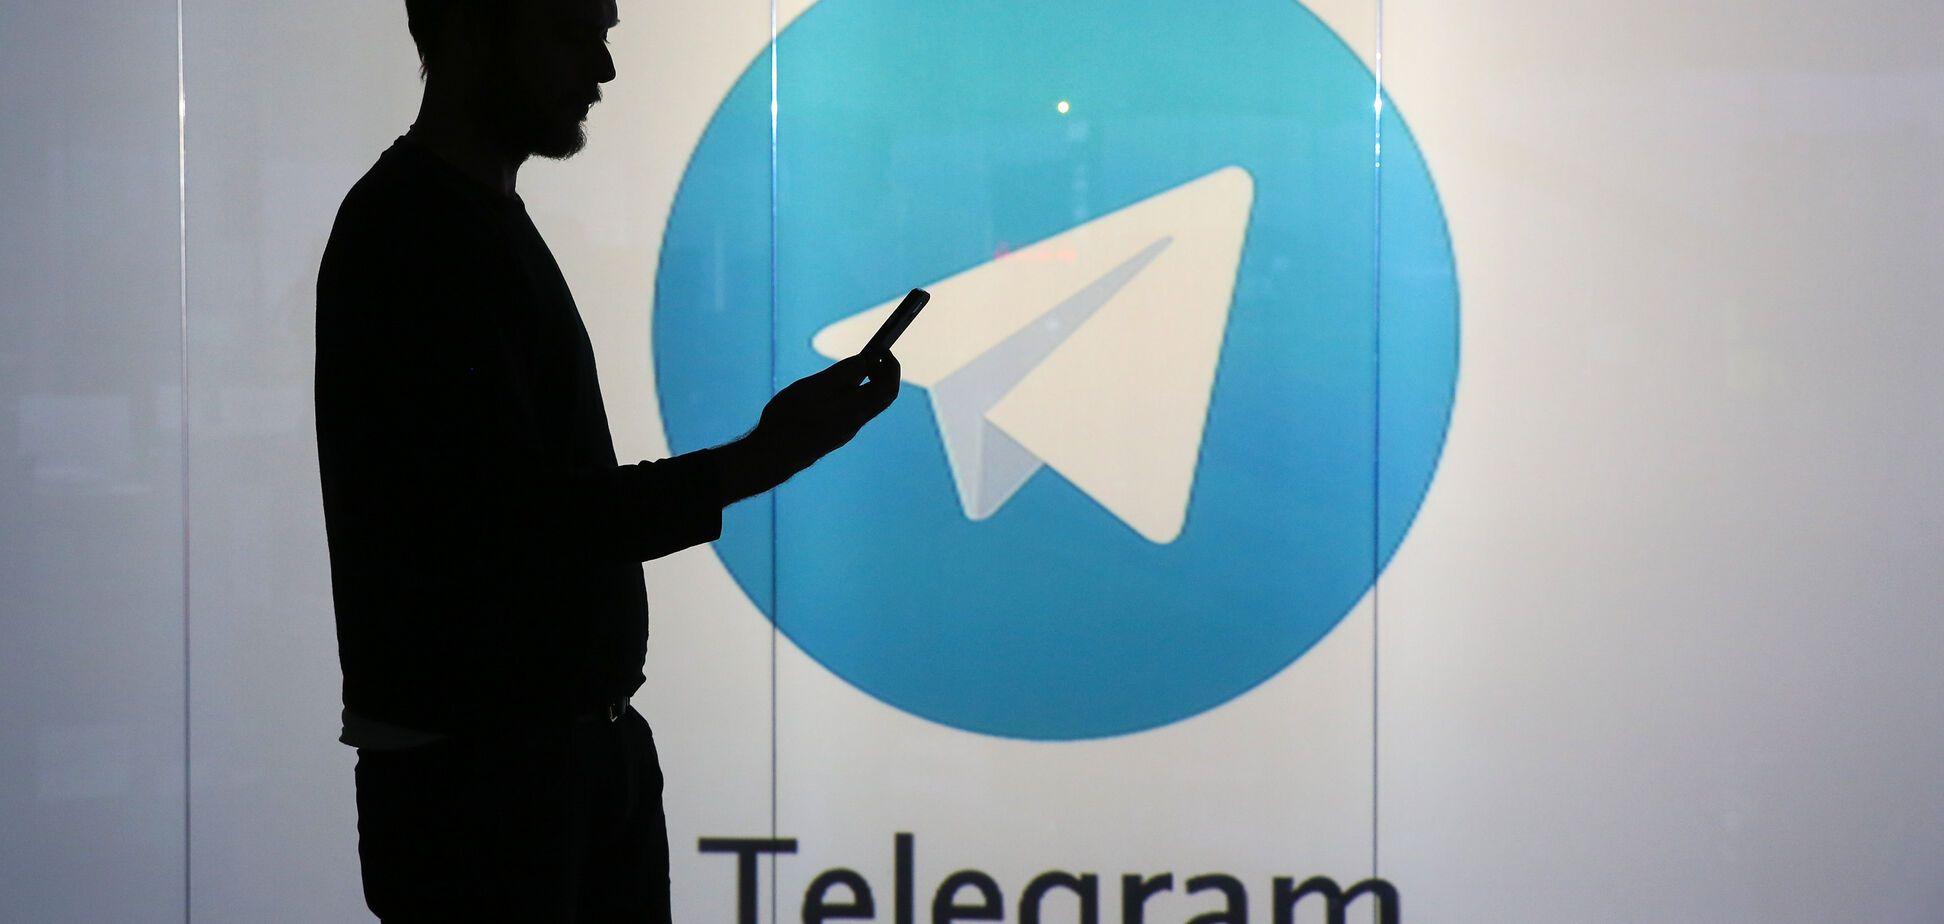 Сокирою його: заборону Telegram в Росії висміяли яскравою карикатурою